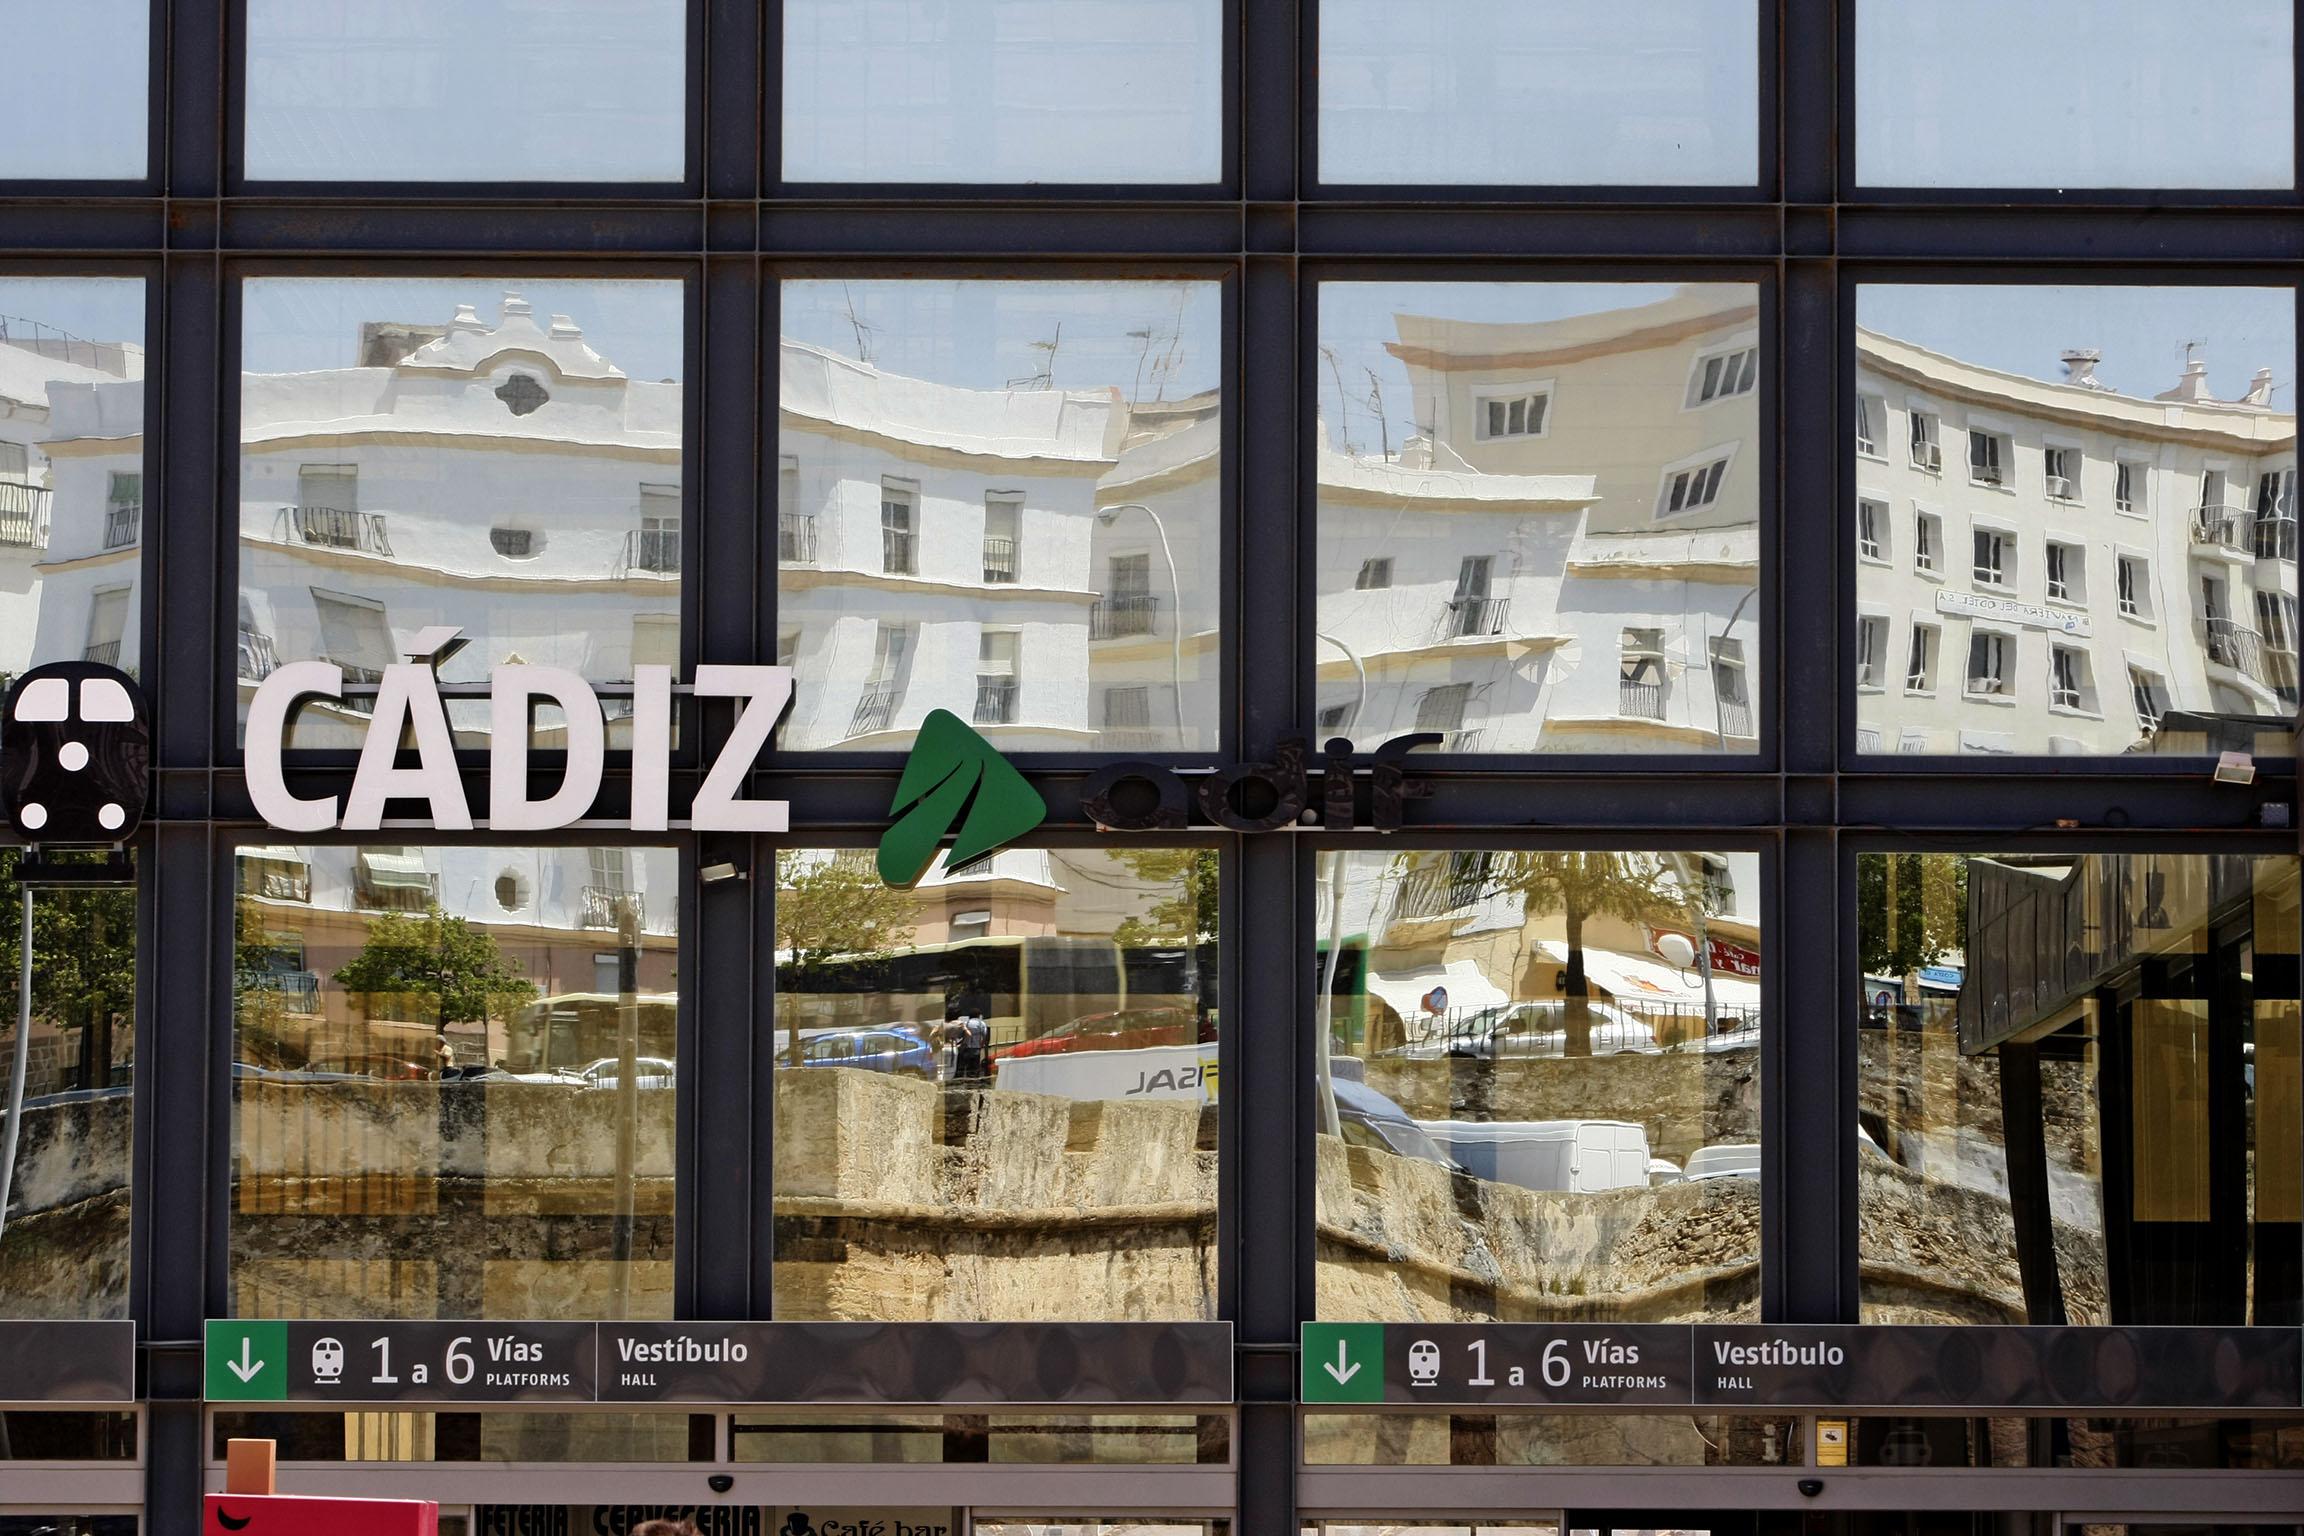 Un retraso de más de seis horas afecta a 589 pasajeros del tren Cádiz-Madrid